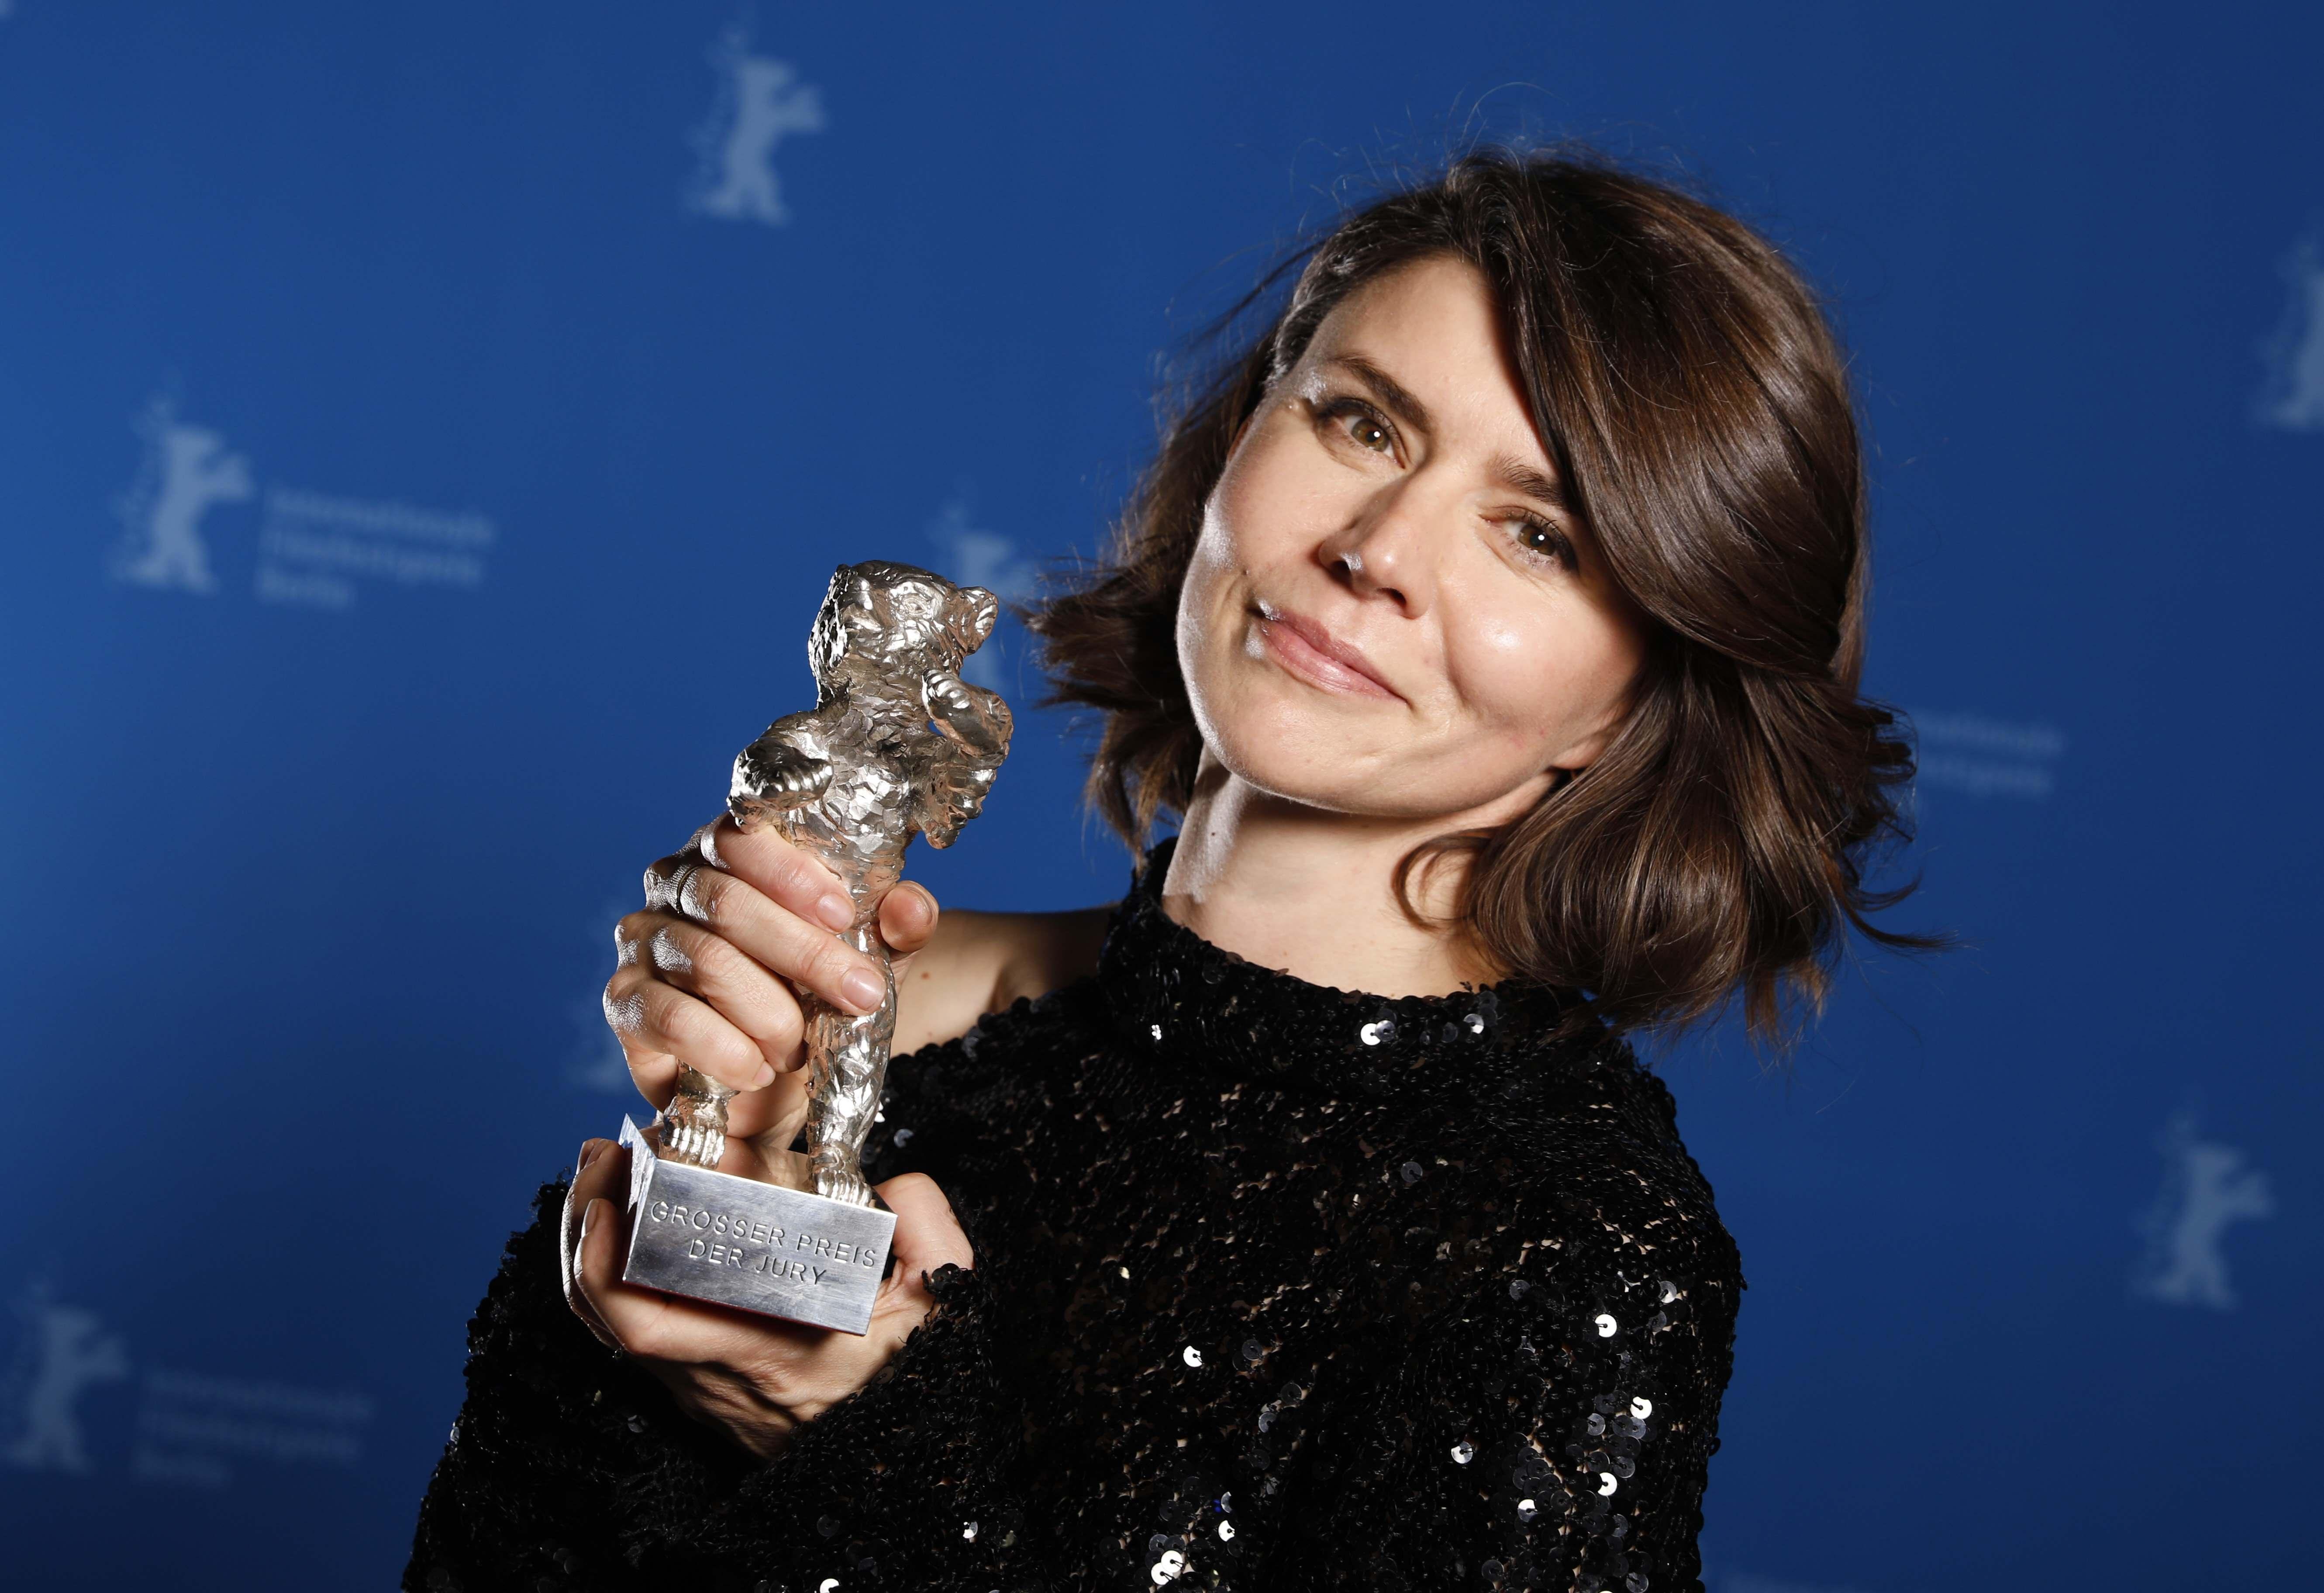 Małgorzata Szumowska ze Srebrnym Niedźwiedziem na 68. Międzynarodowym Festiwalu Filmowym w Berlinie